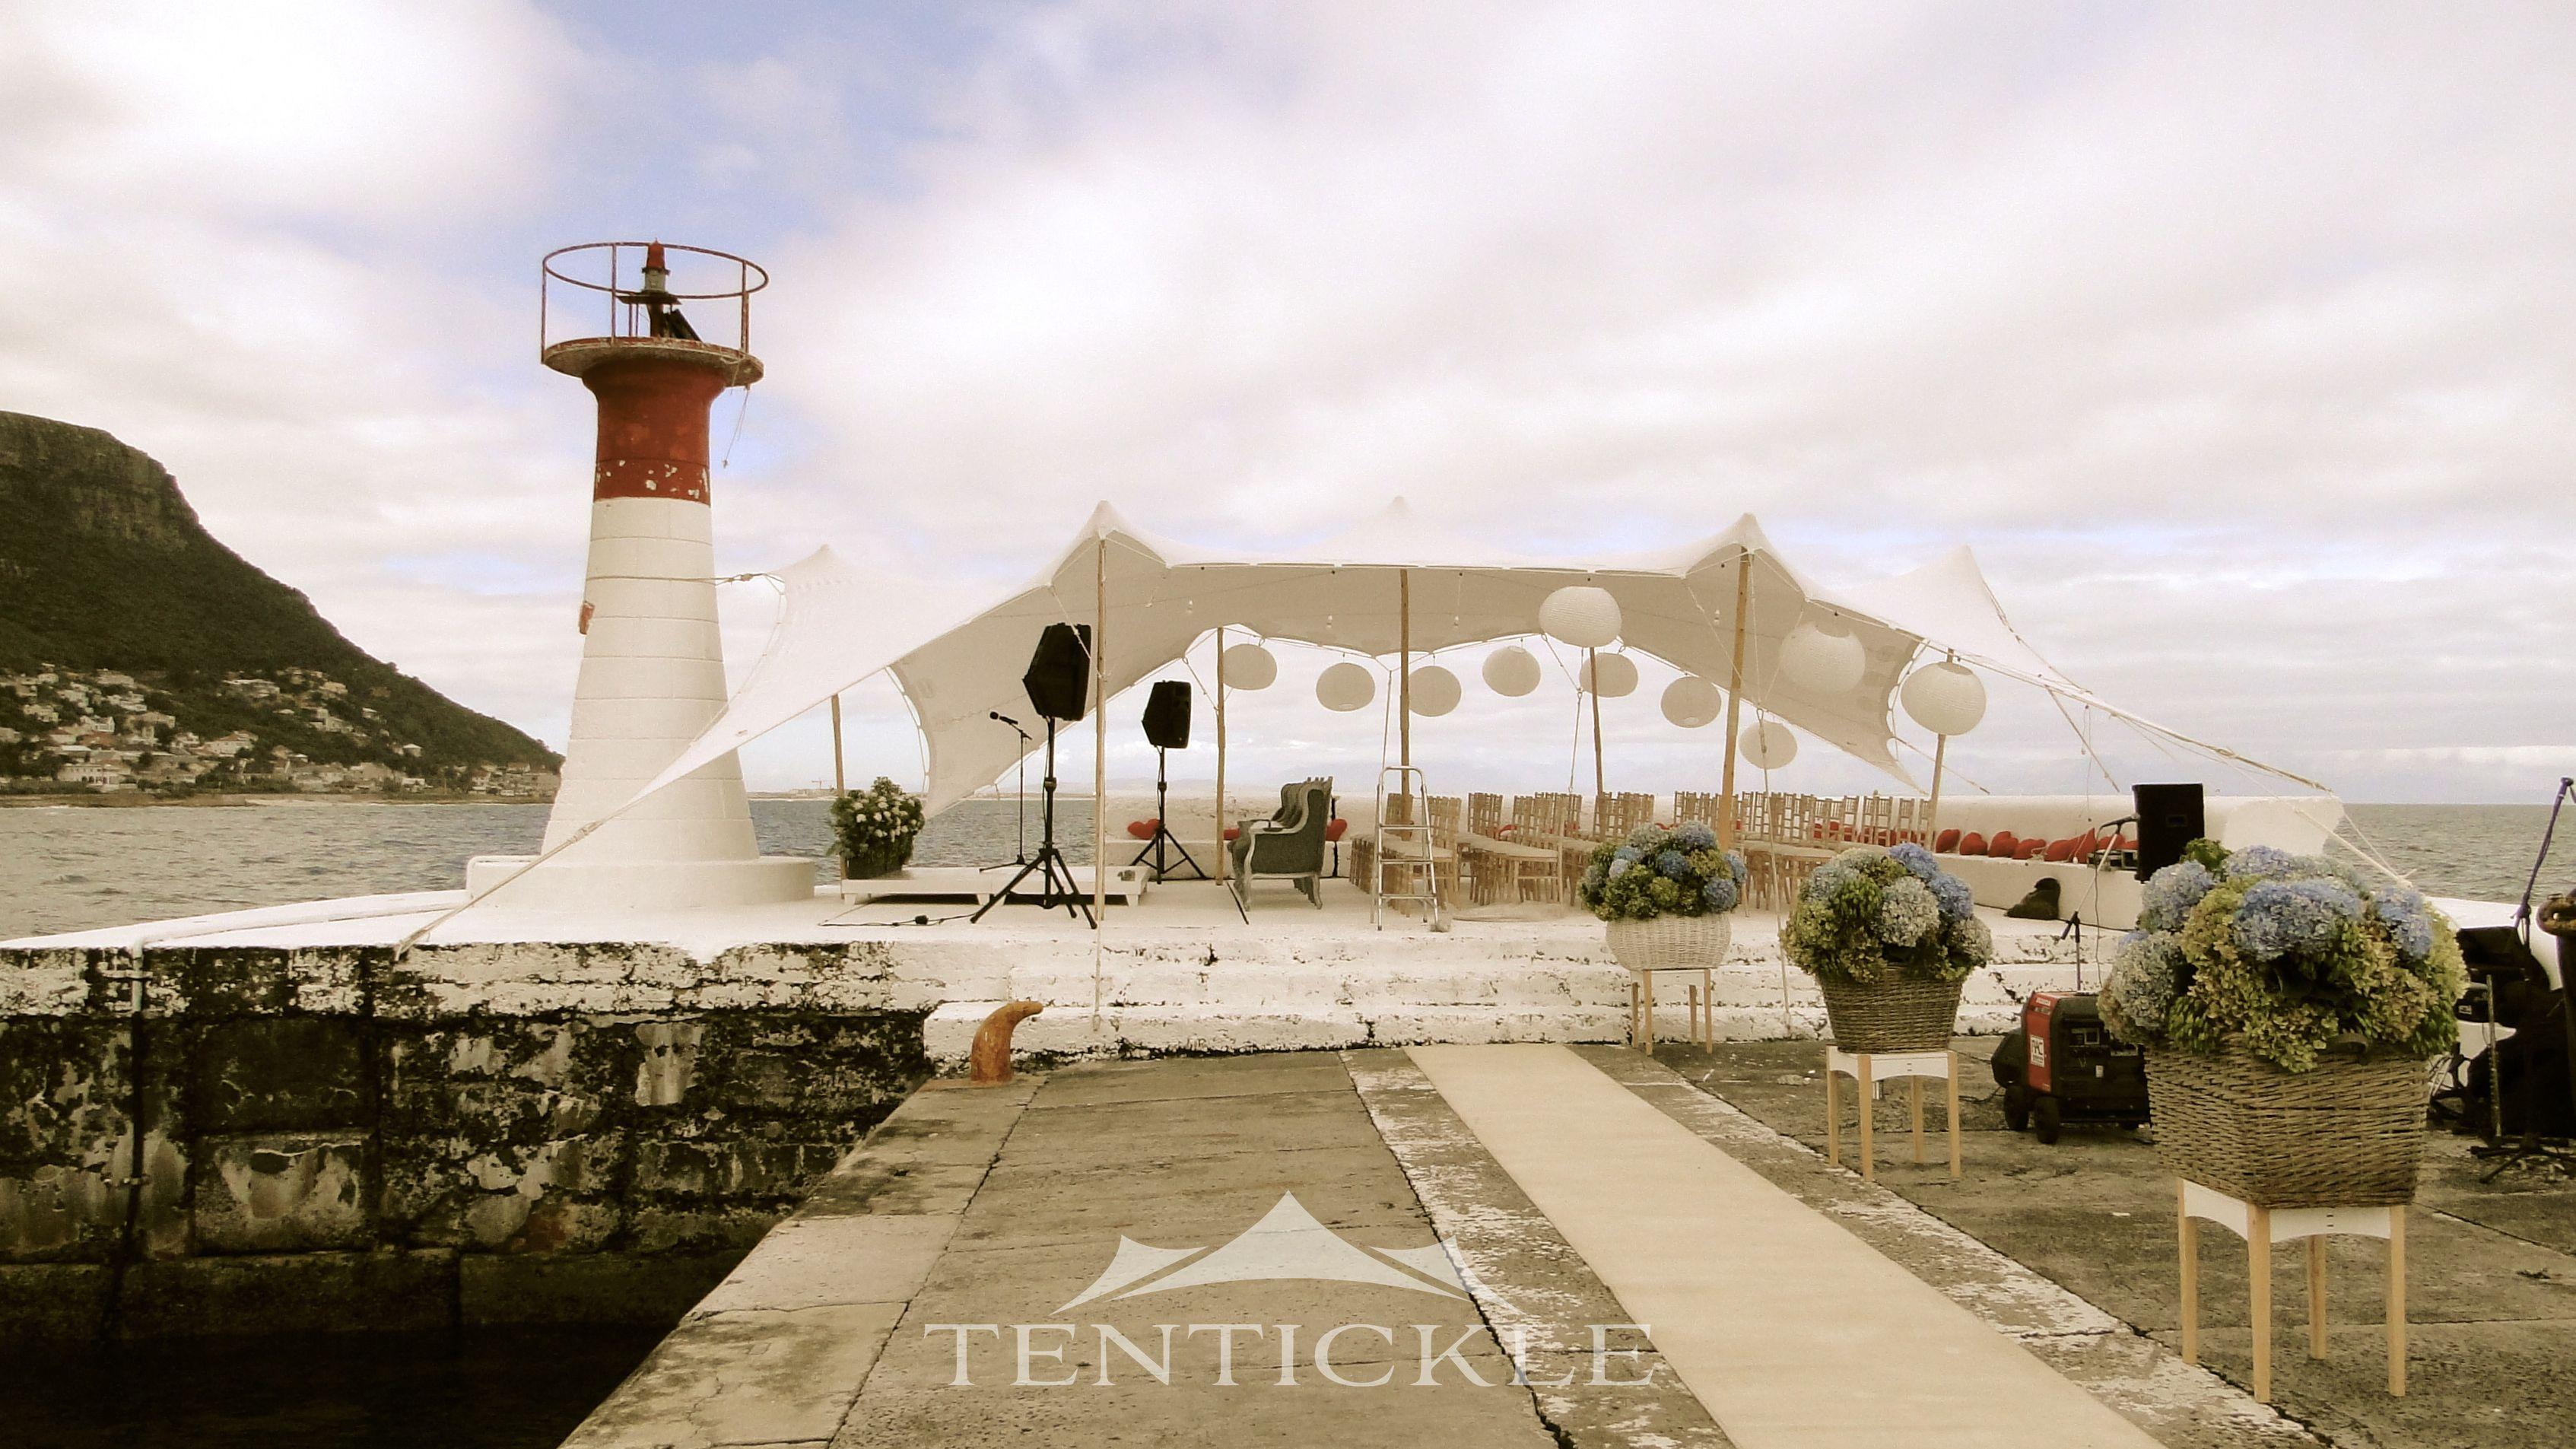 Hochzeit unter einem Tentickle Stretch Zelt